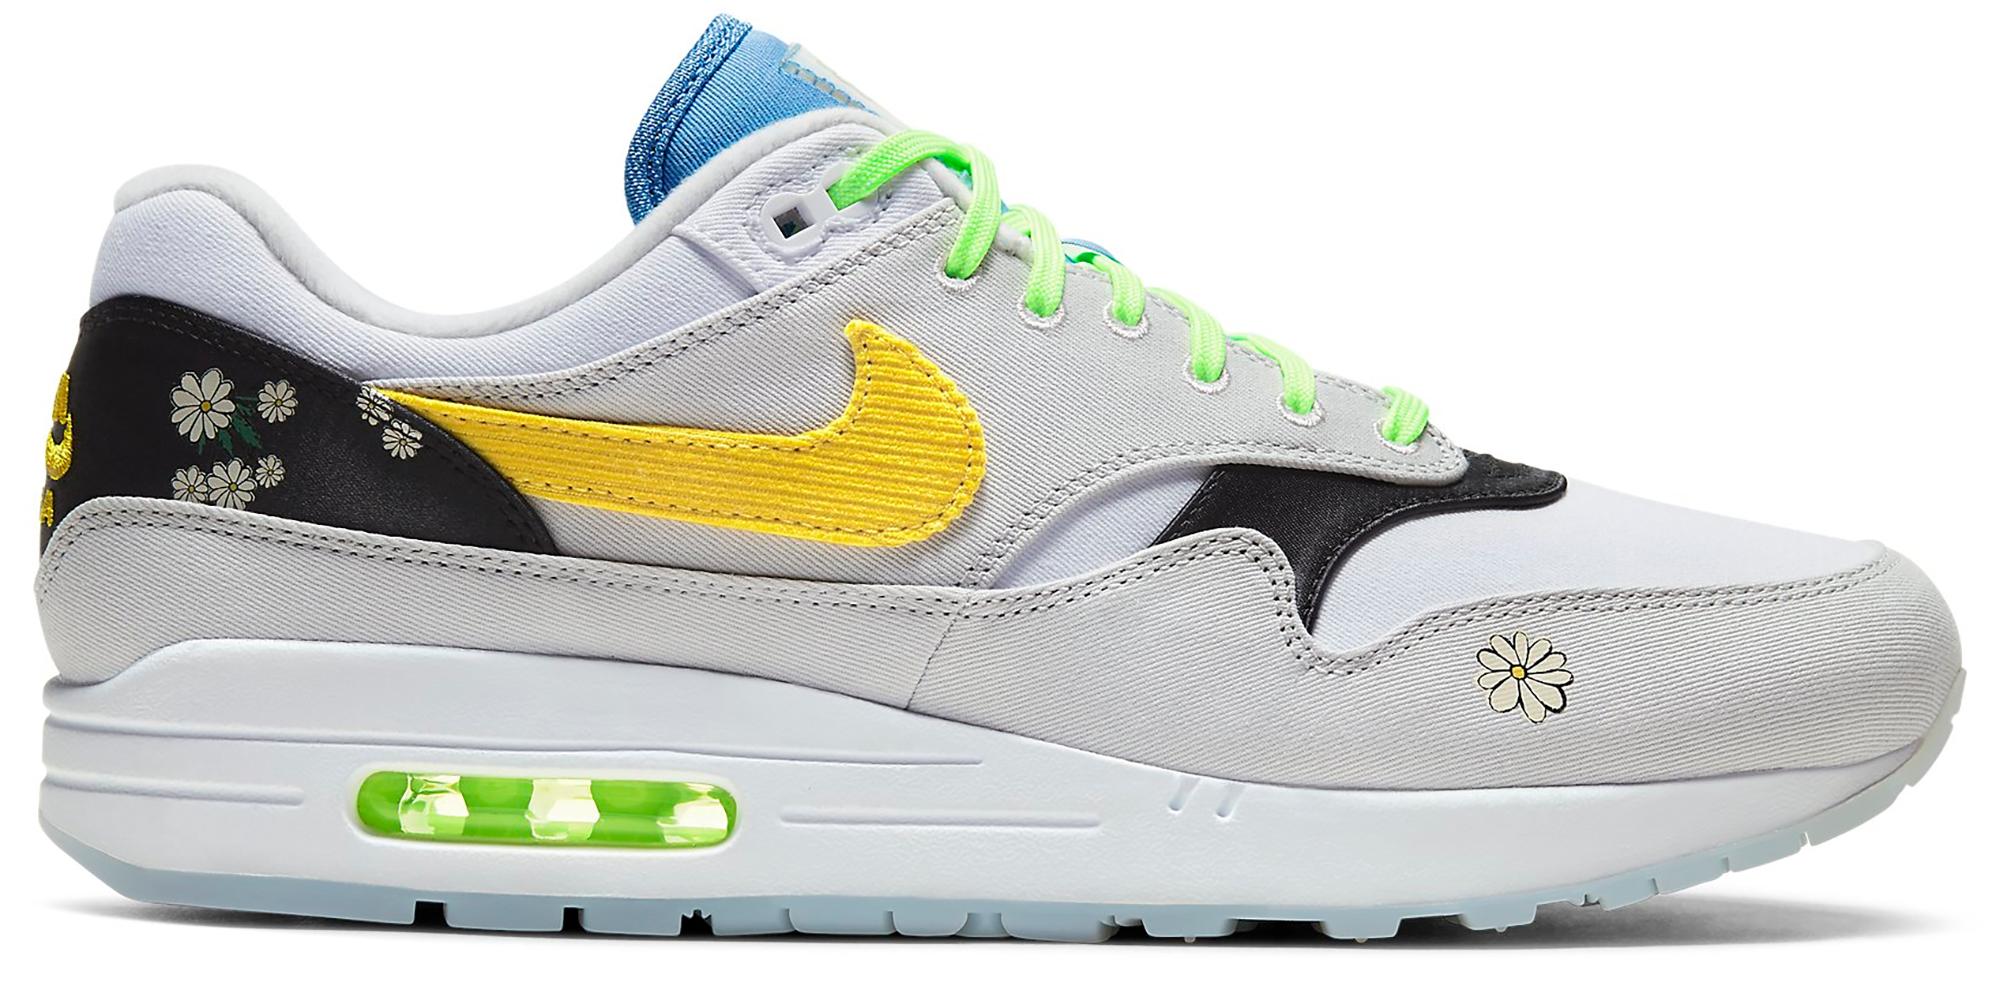 Nike Air Max 1 Daisy - CW6031-100